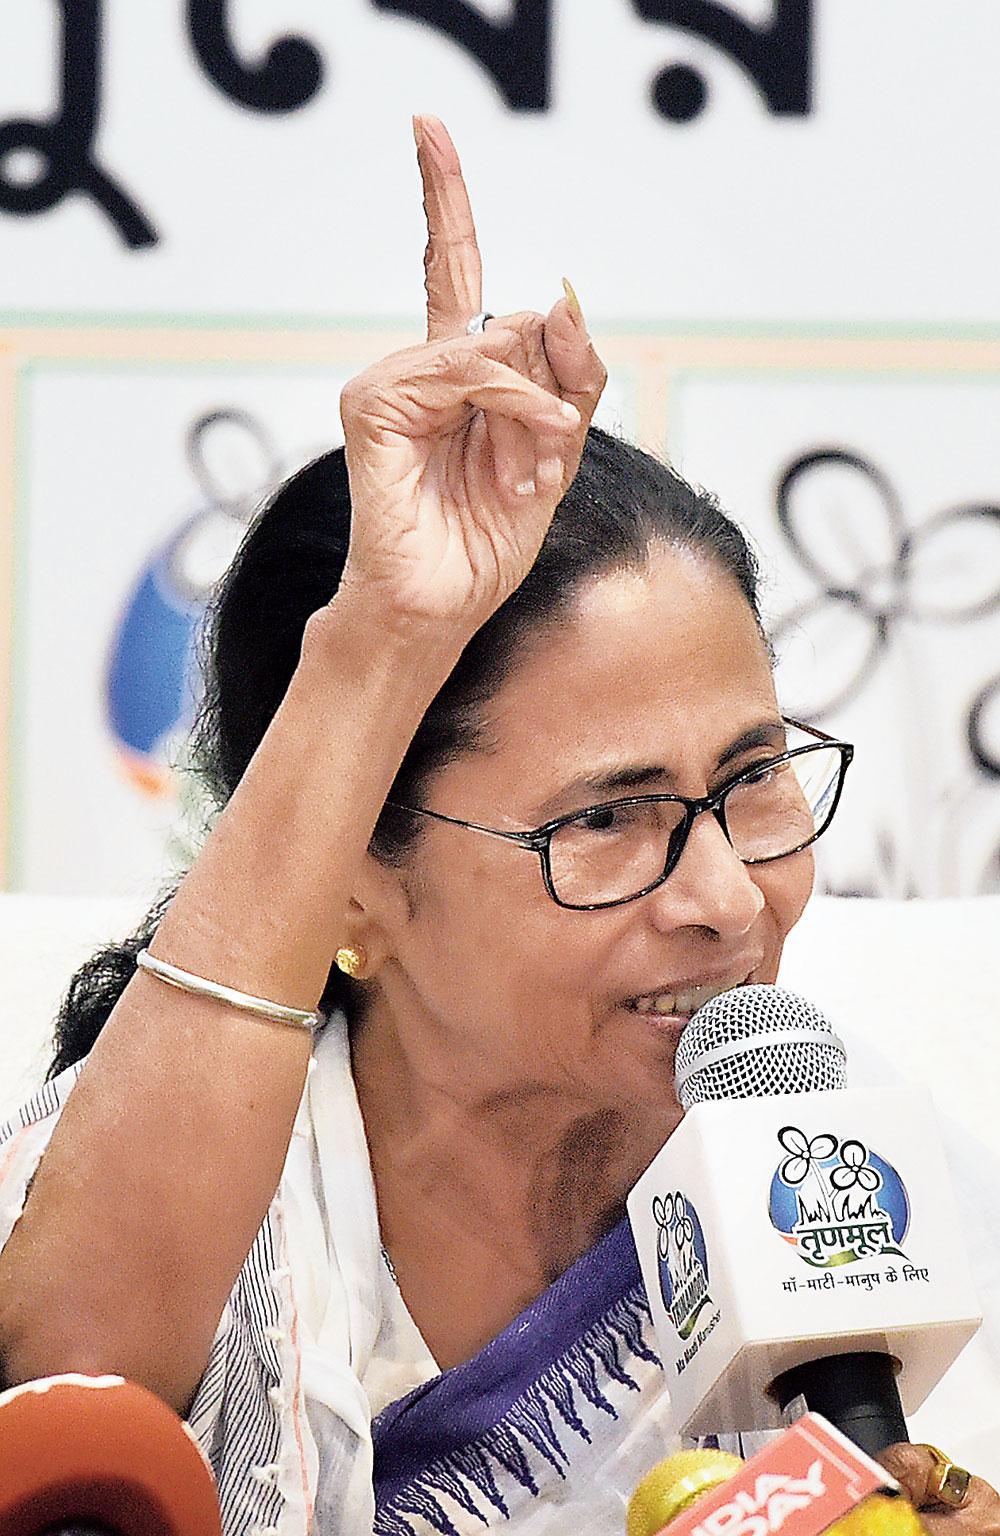 EC has lost all credibility: Mamata